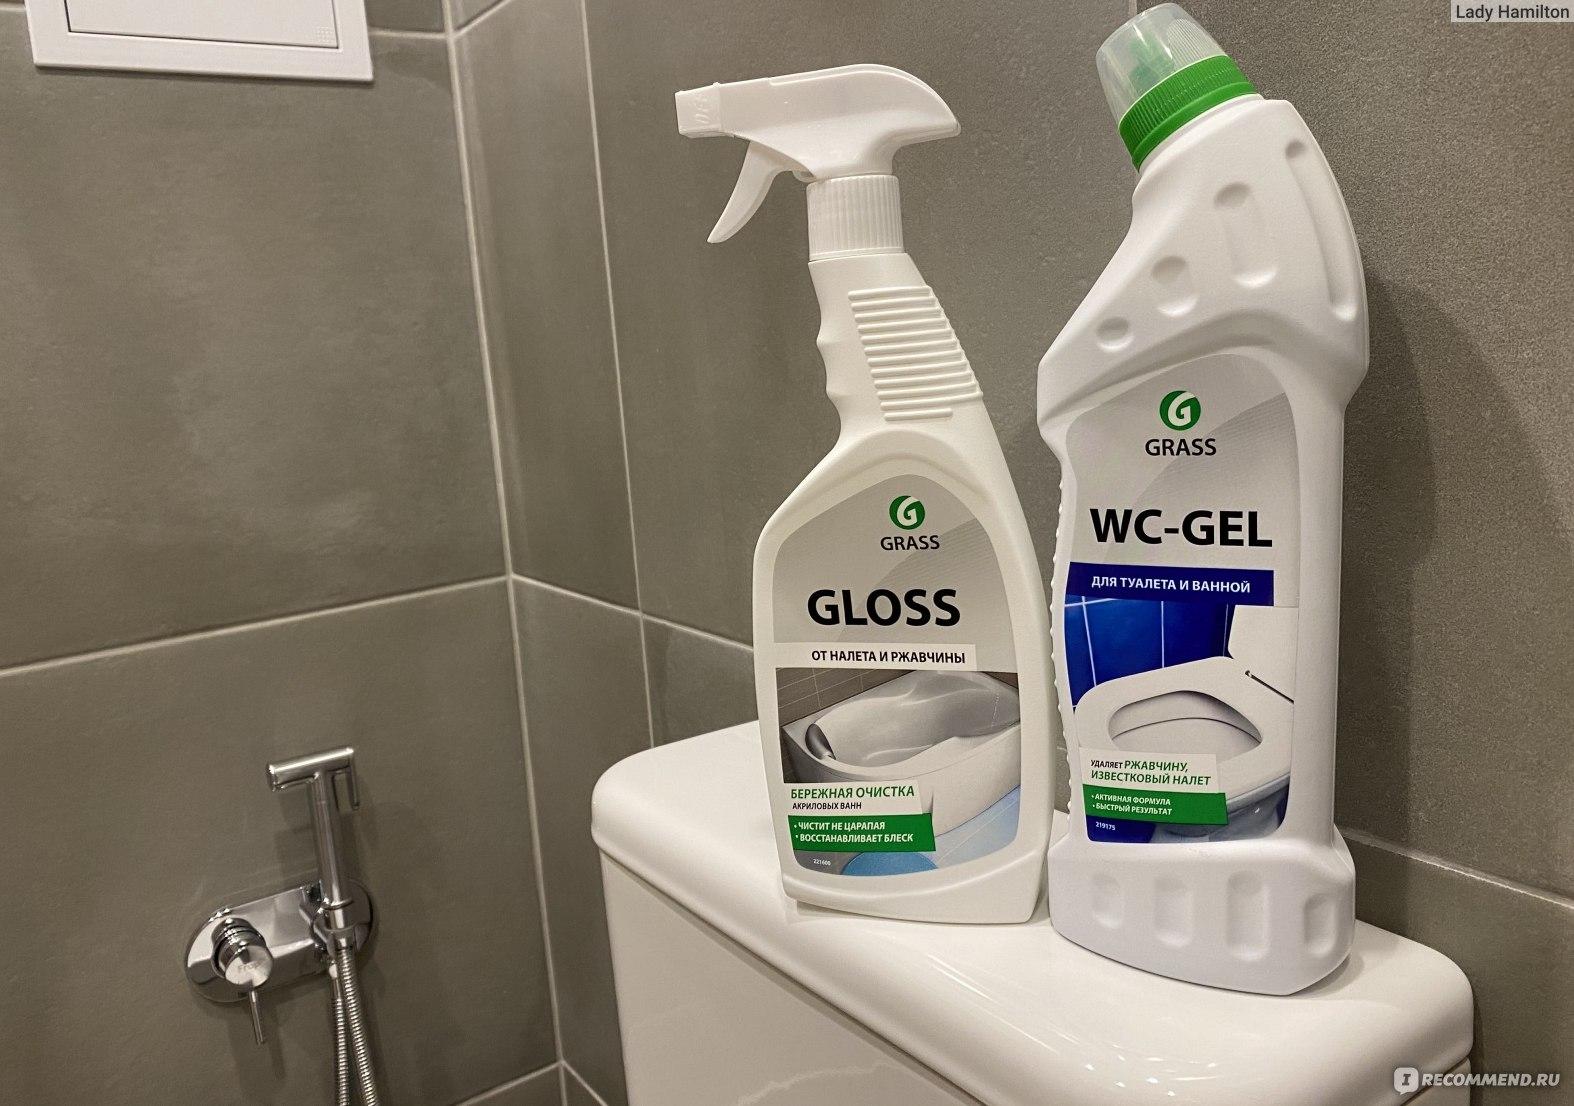 Как очистить раковину от известкового налета в домашних условиях: выбор средства